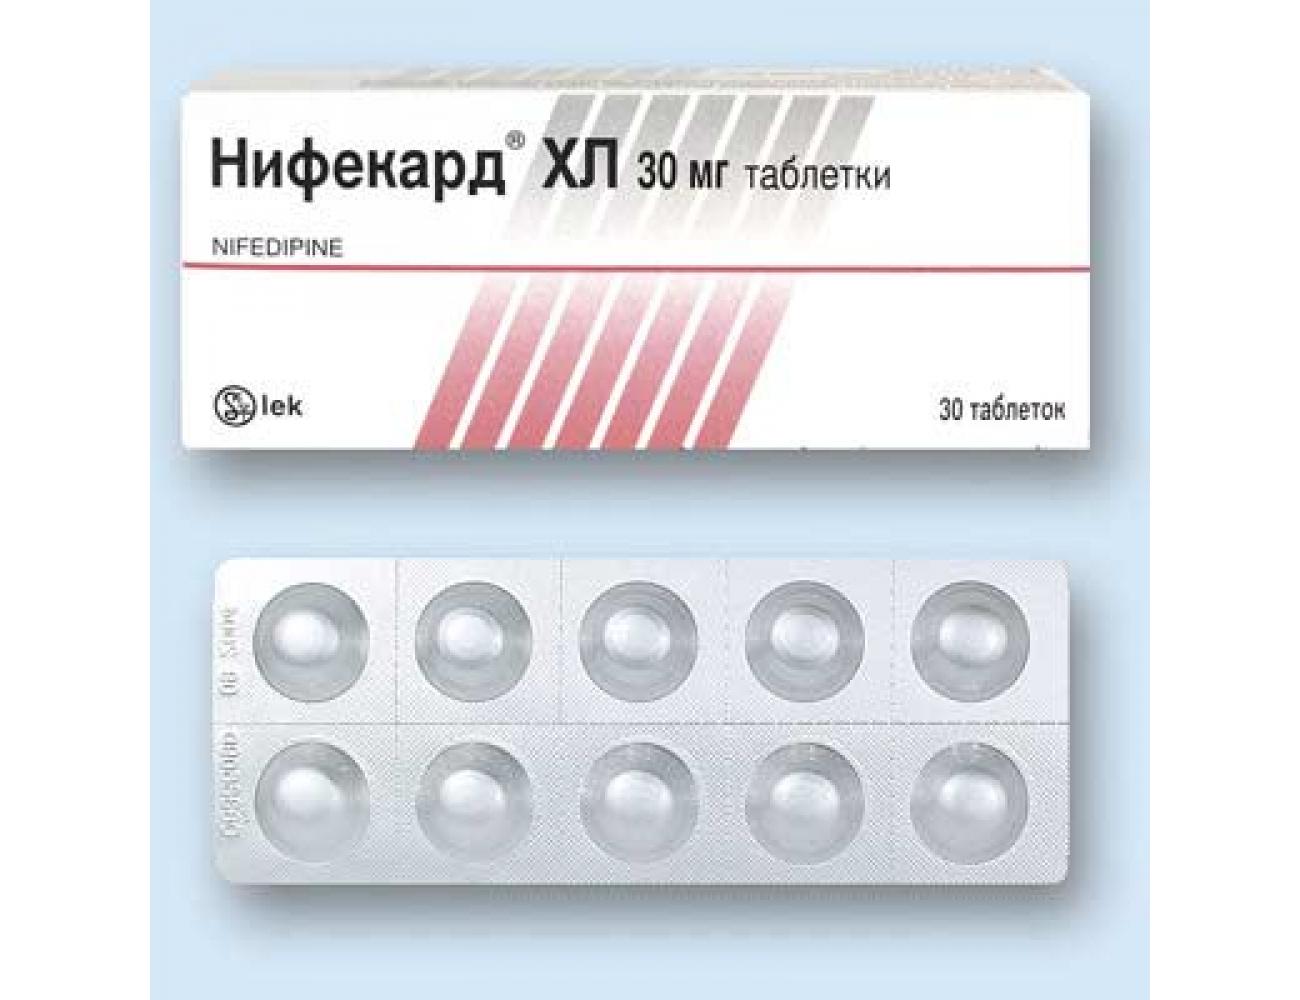 lek vaistai nuo hipertenzijos